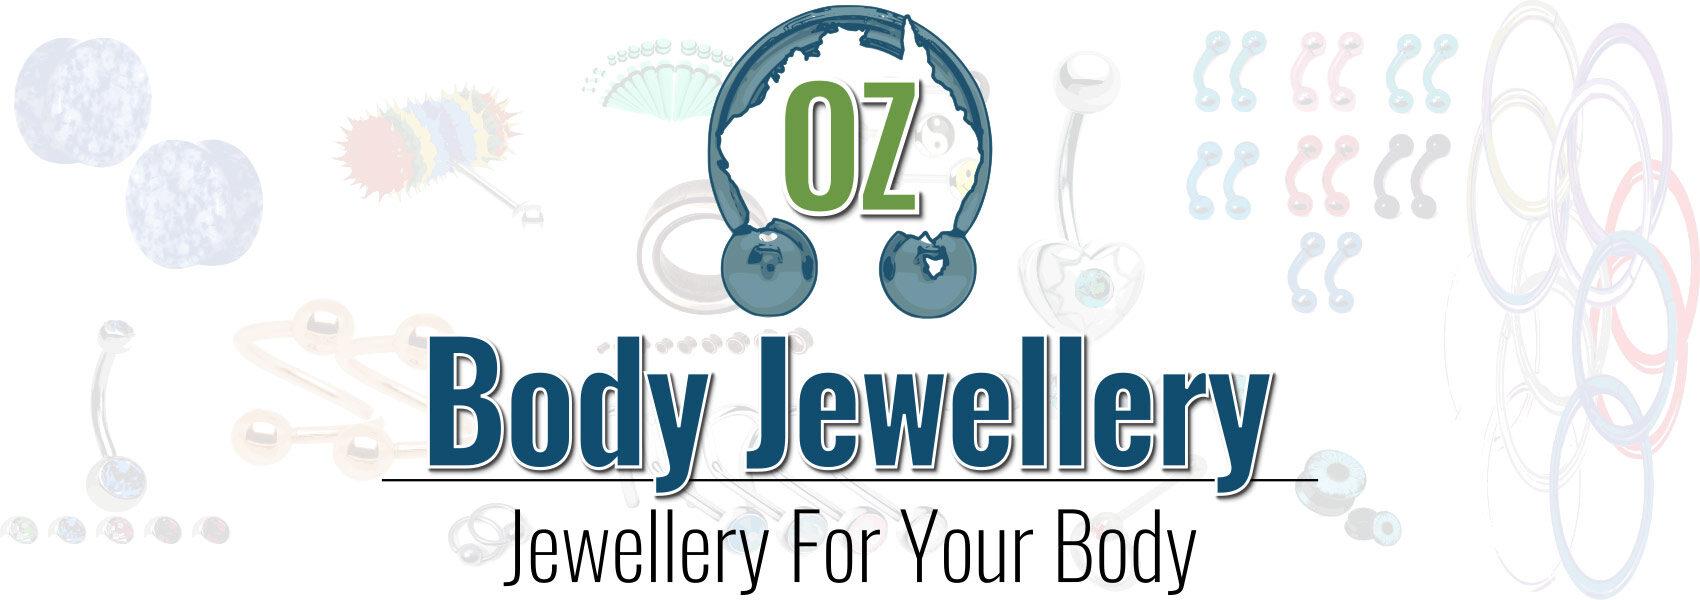 OZ Body Jewellery | Jewellery For Your Body